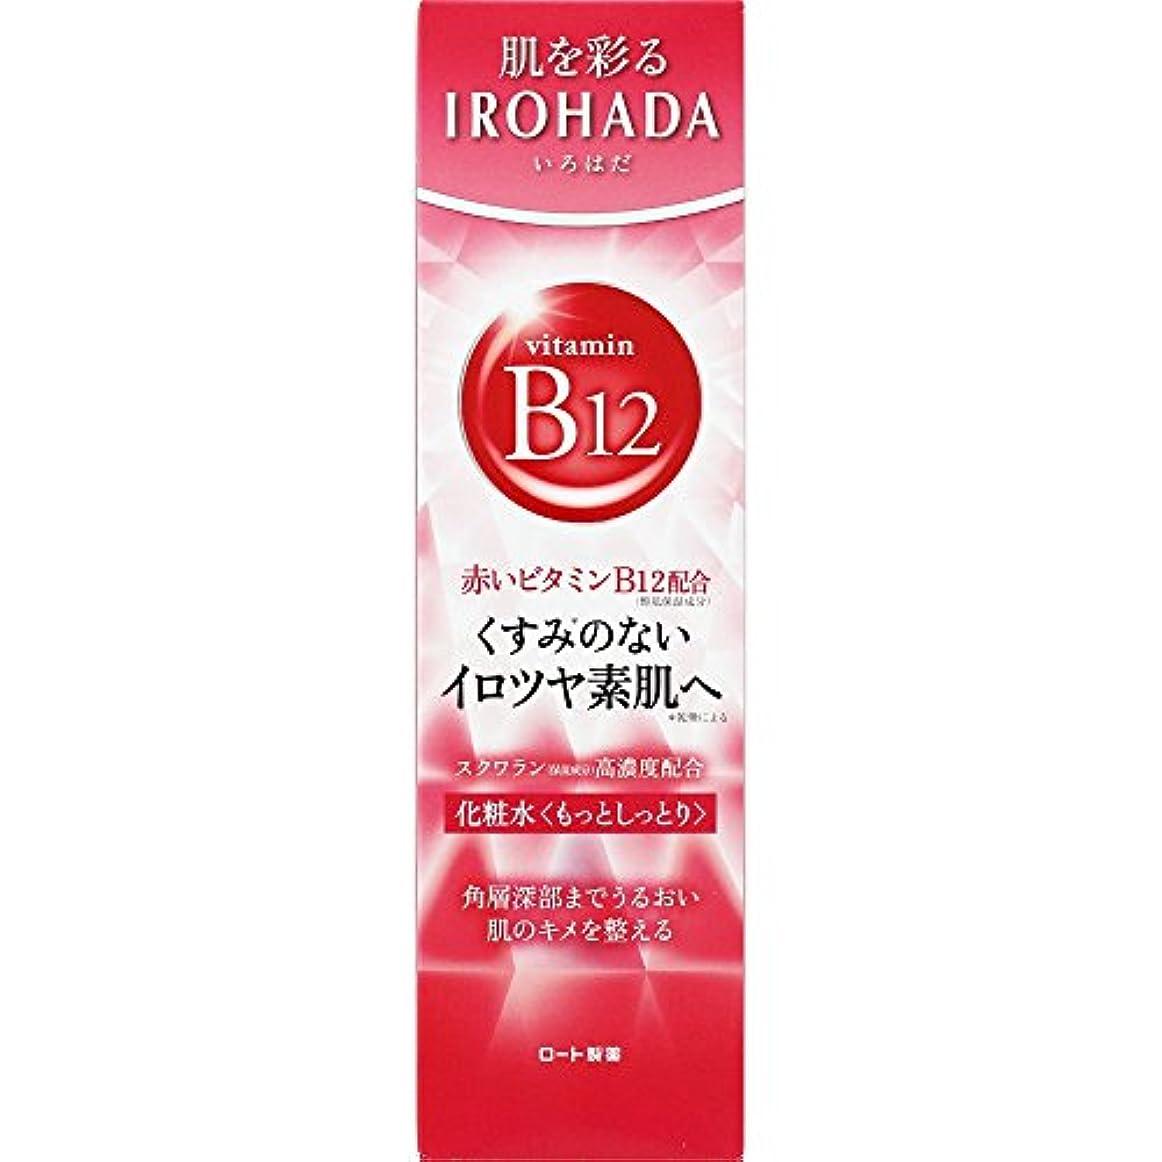 狂うペリスコープリネンロート製薬 いろはだ (IROHADA) 赤いビタミンB12×スクワラン配合 化粧水もっとしっとり 160ml